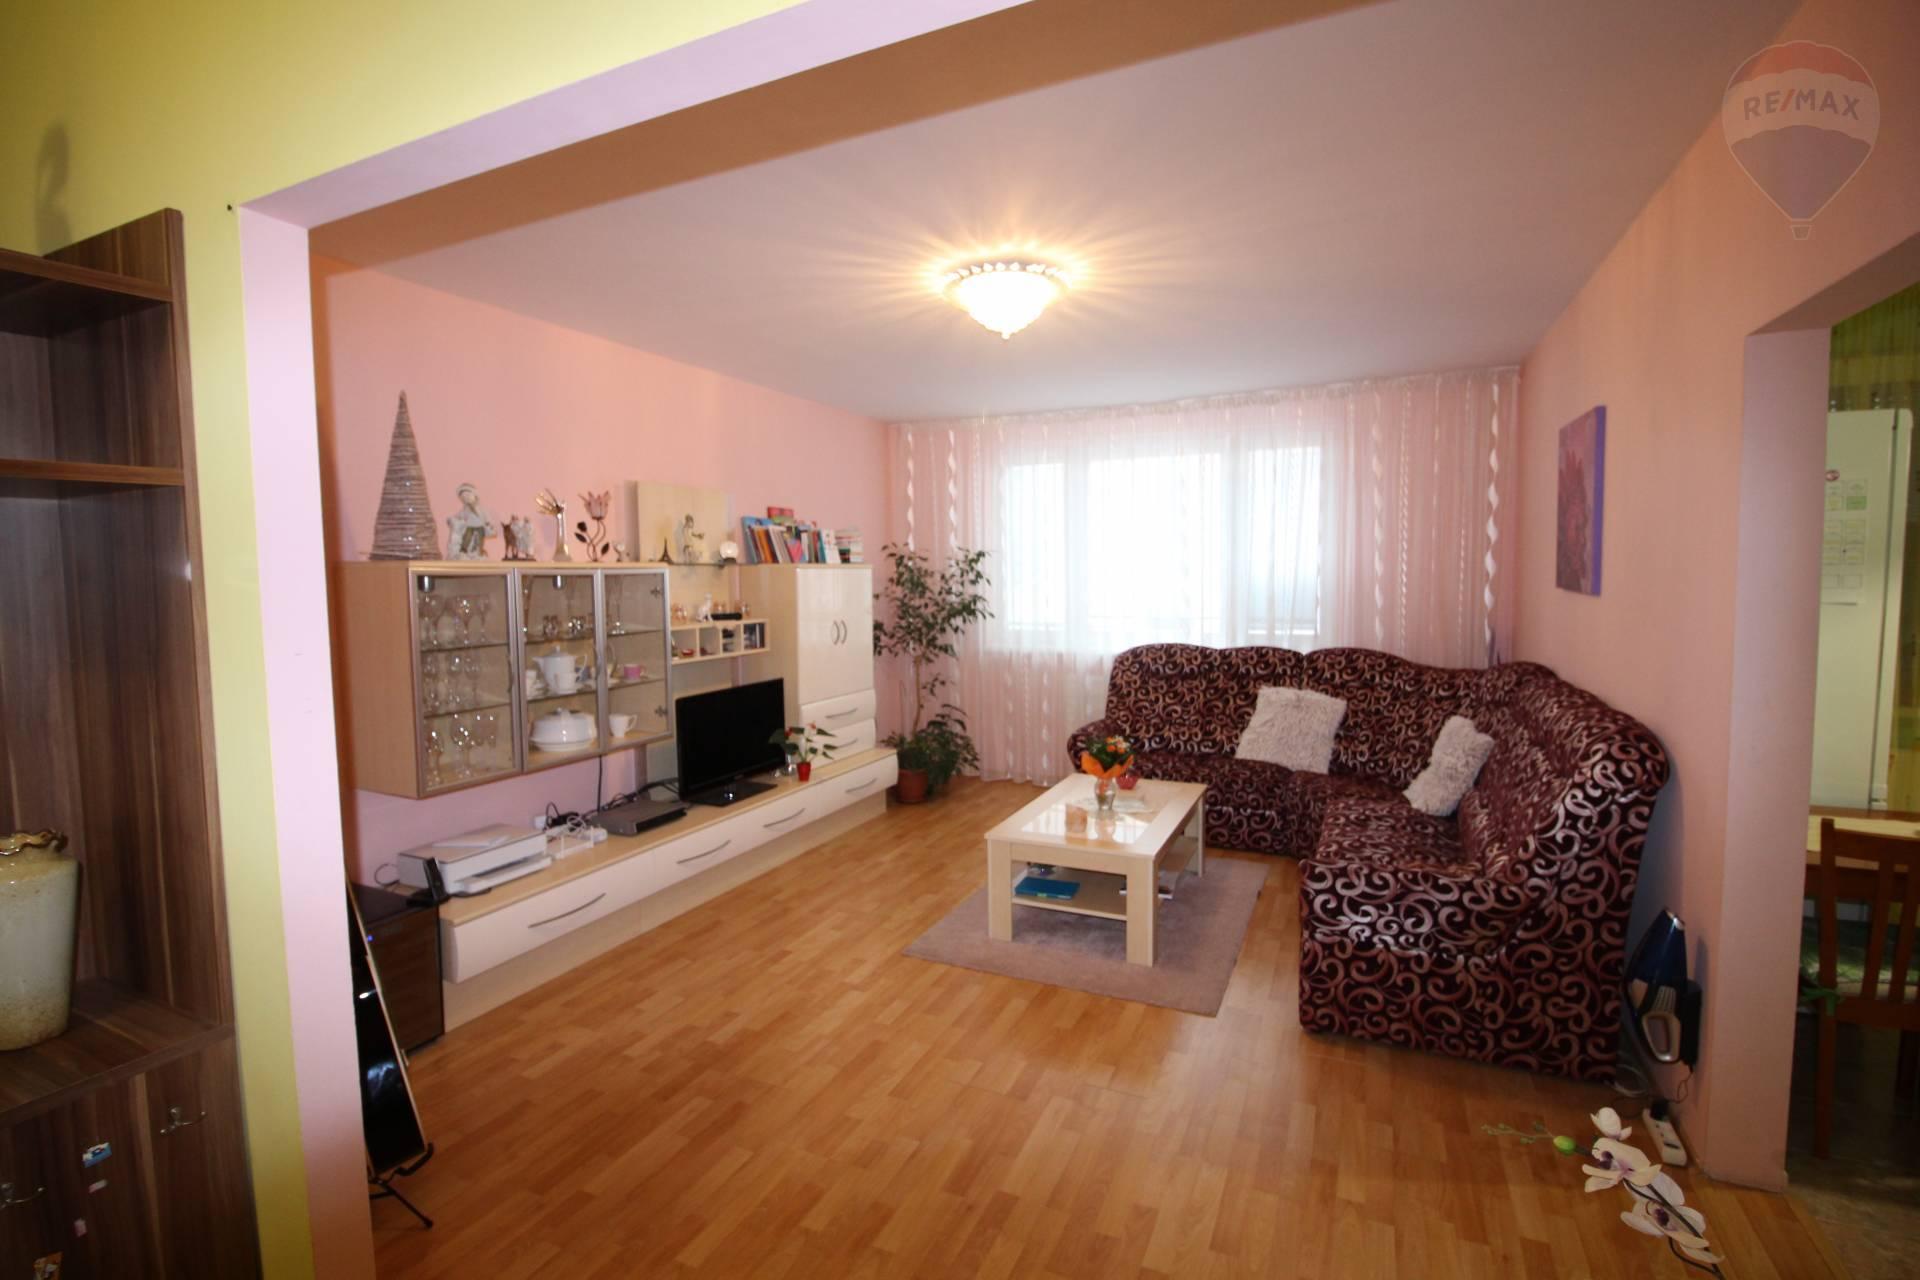 Predaj: 3-izbový byt, čiastočná rekonštrukcia, sídlisko Nová Ves, Dunajská Streda